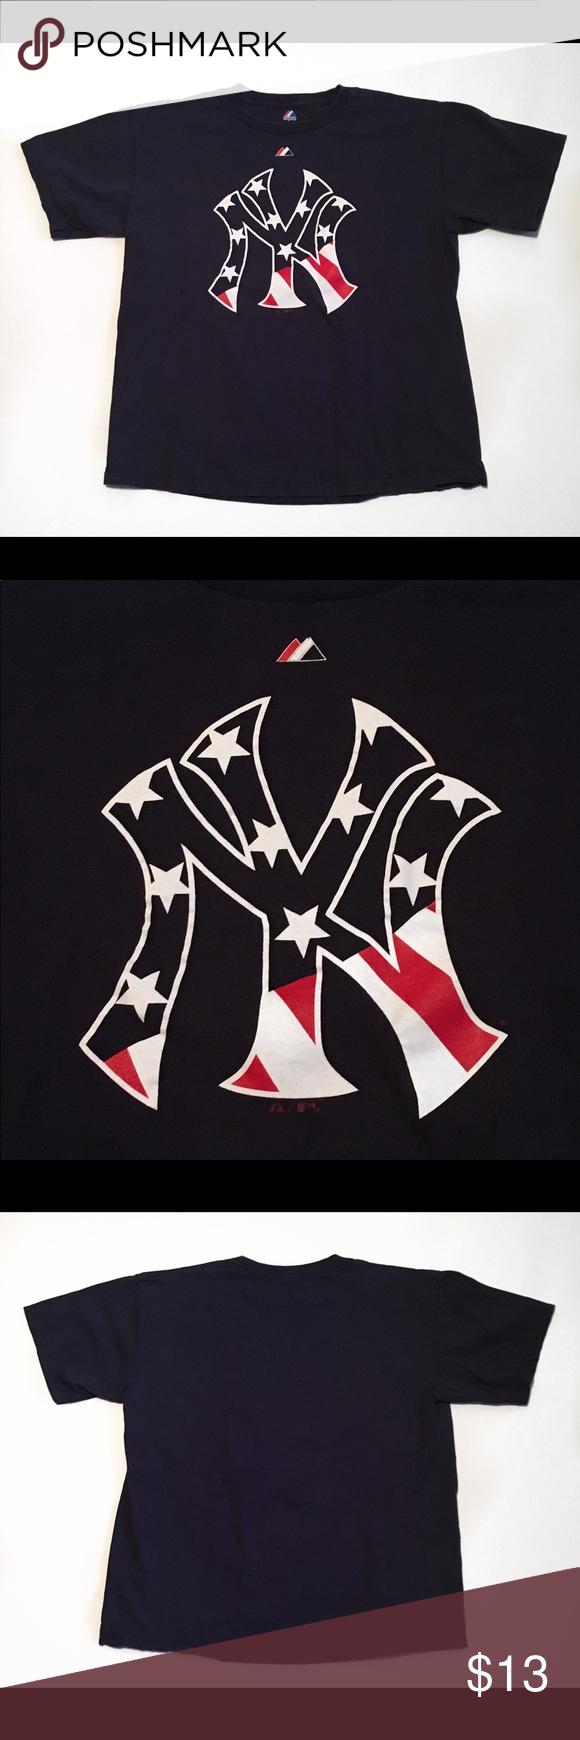 Majestic Ny Yankees American Flag Logo T Shirt Awesome Majestic Ny Yankee S American Flag Logo Size Large In G Majestic Shirts American Flag Shirt Tshirt Logo